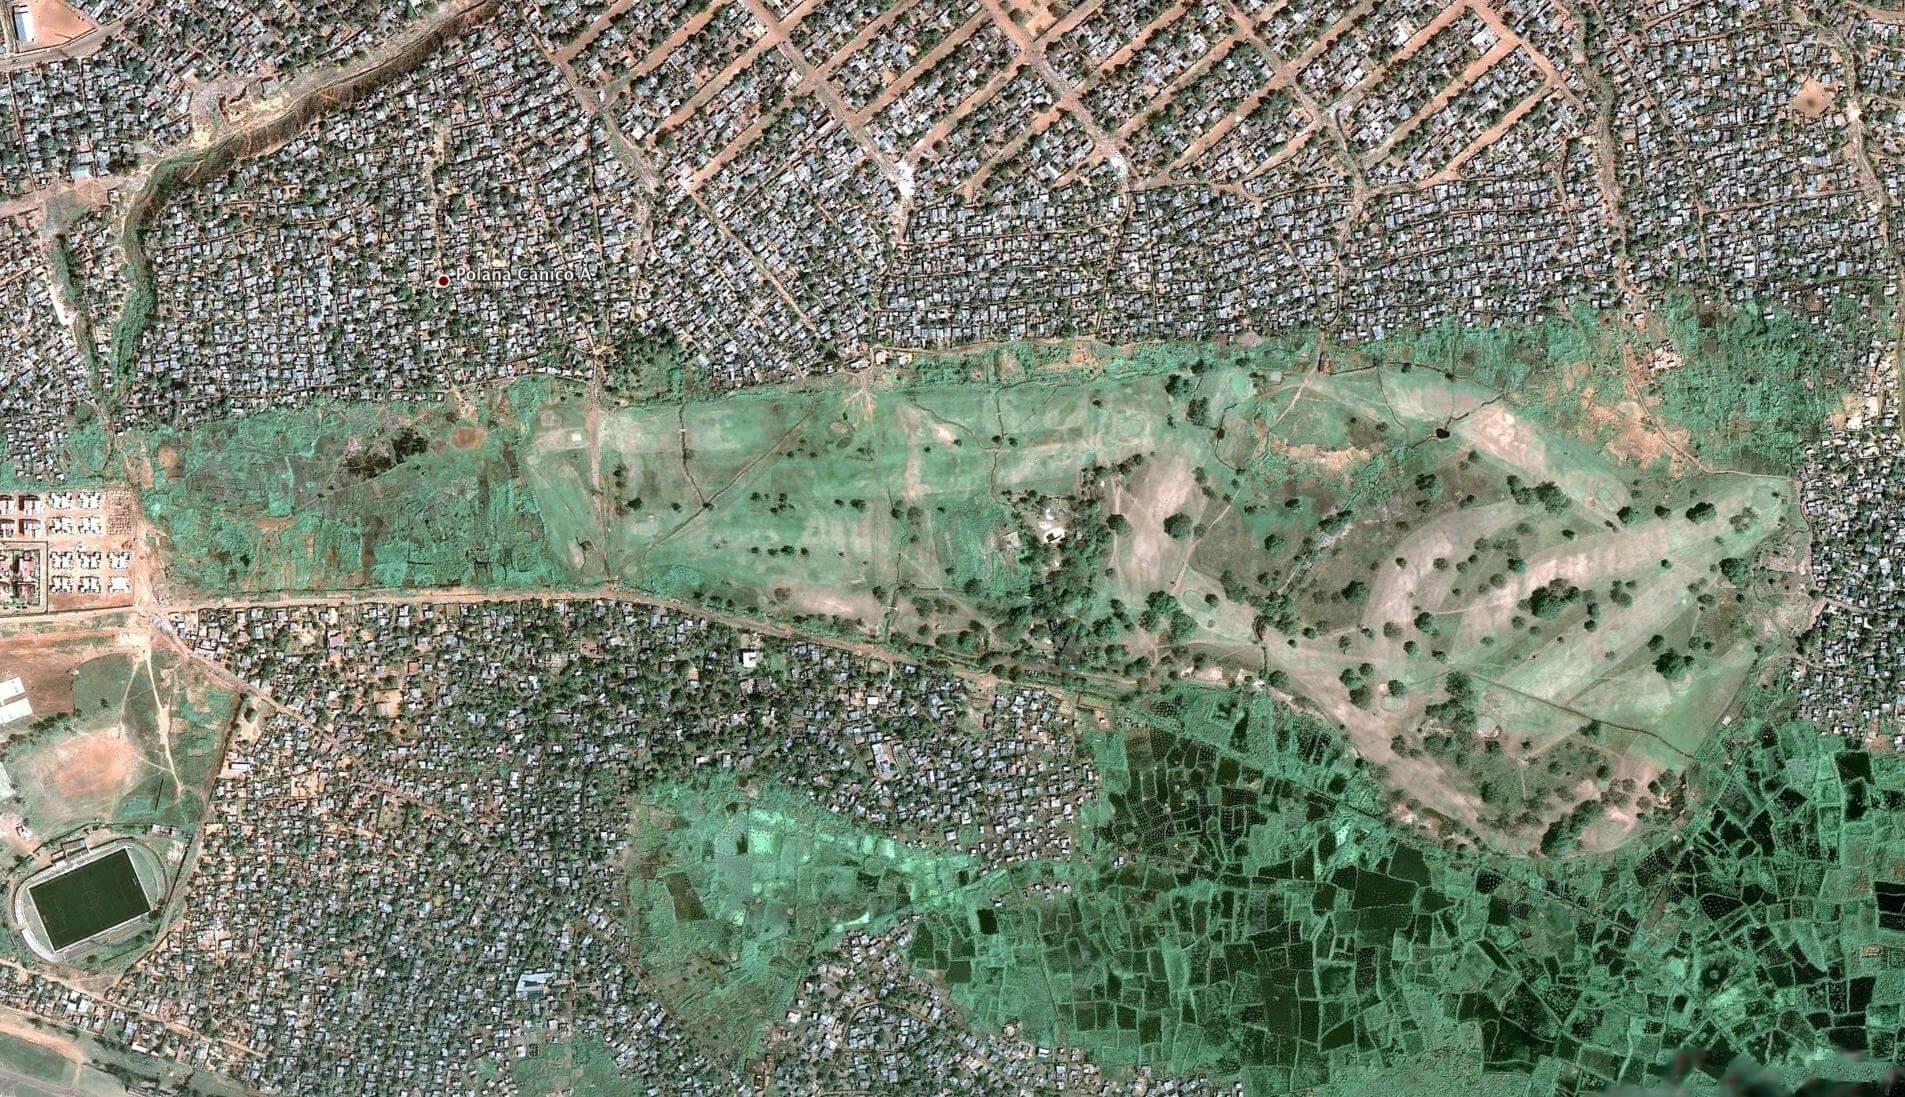 campo-de-golfe-da-polana-maputo-2010